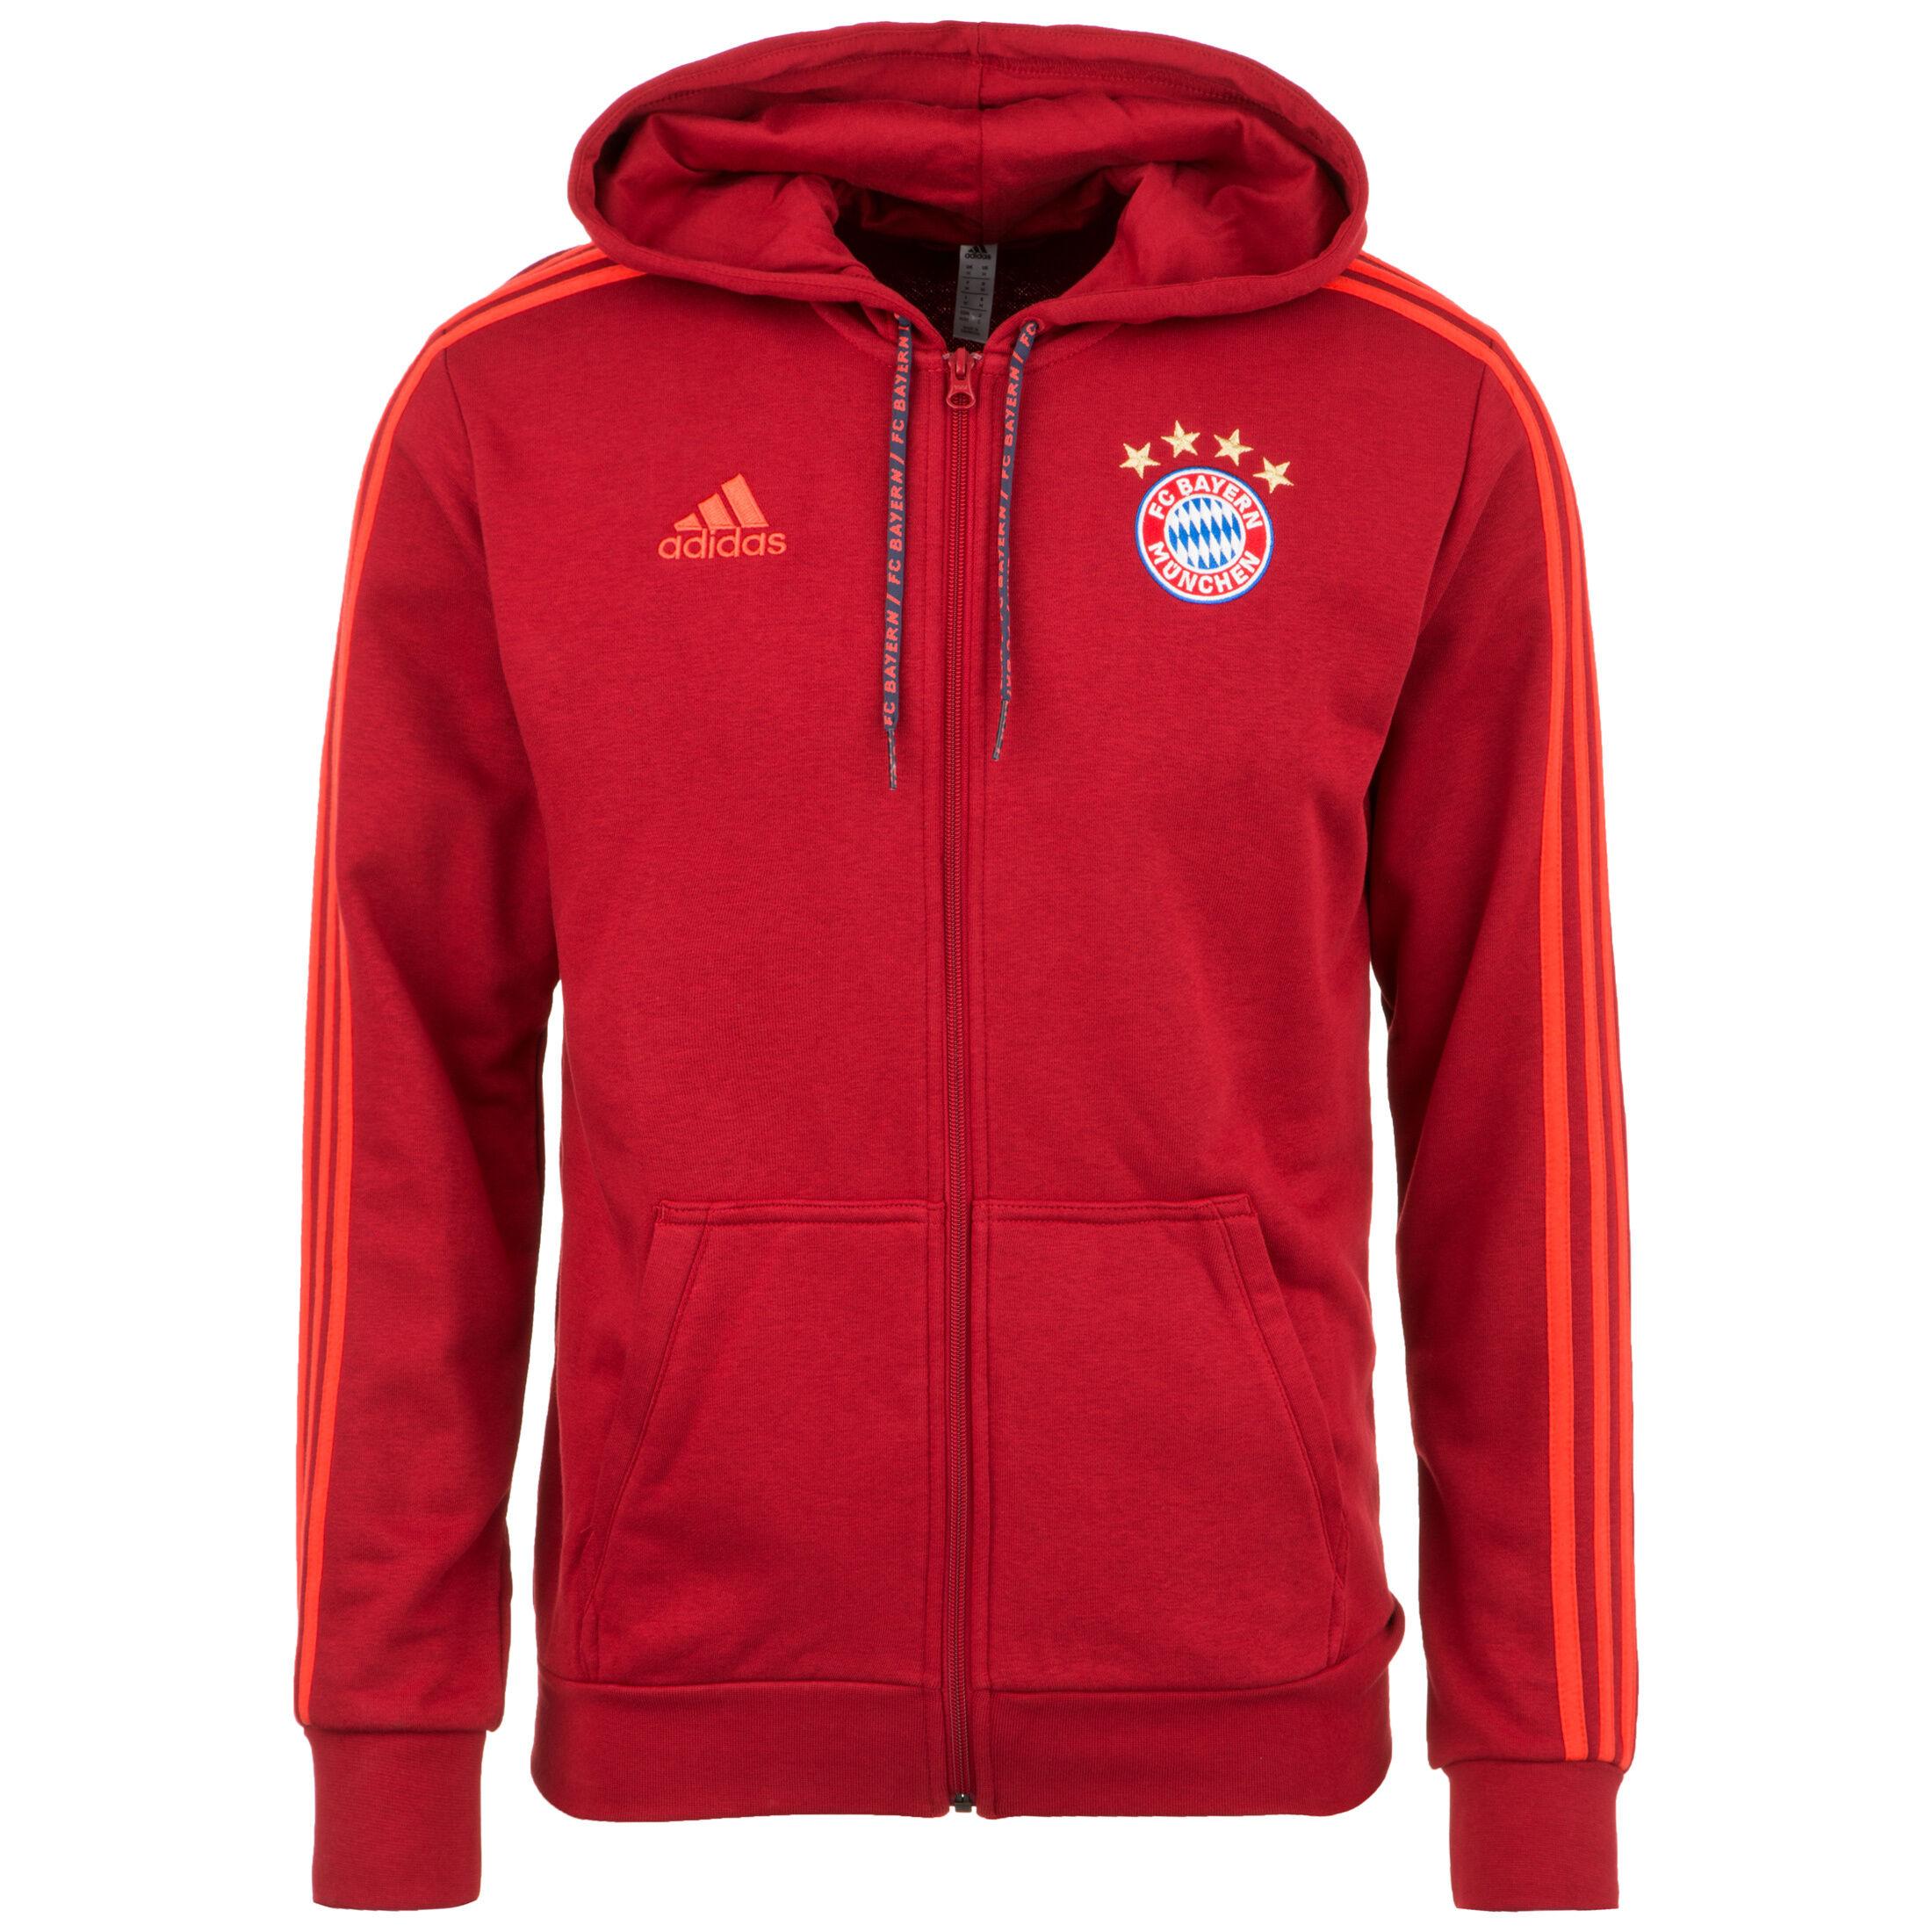 adidas Performance FC Bayern München Z.N.E. Kapuzenjacke Herren online kaufen | OTTO